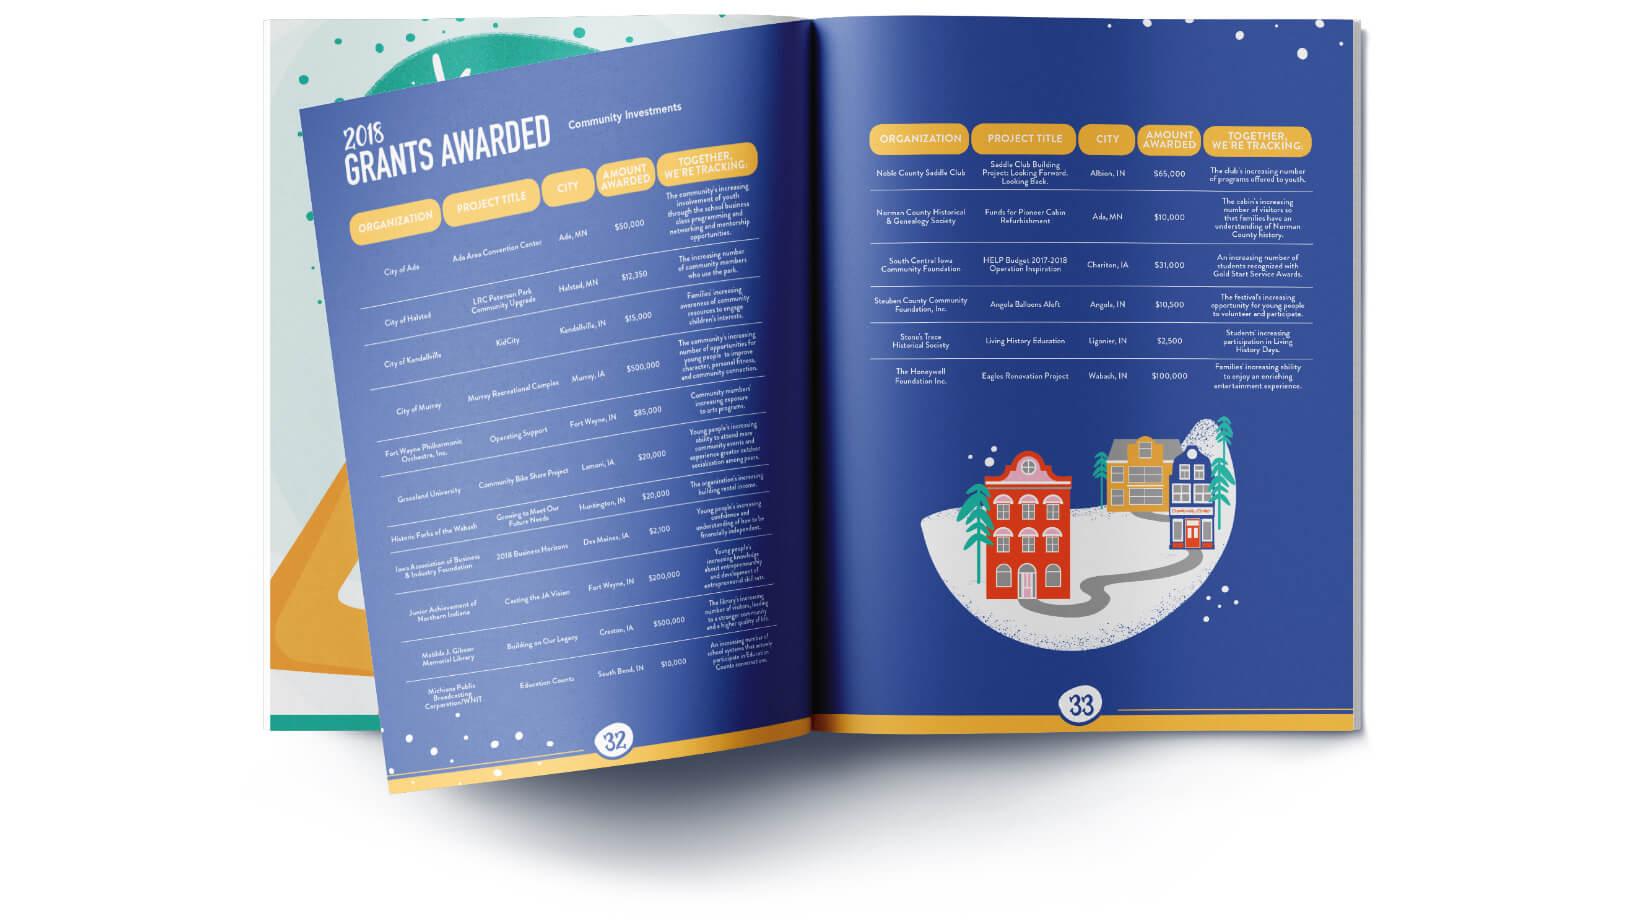 Dekko Foundation Annual Report